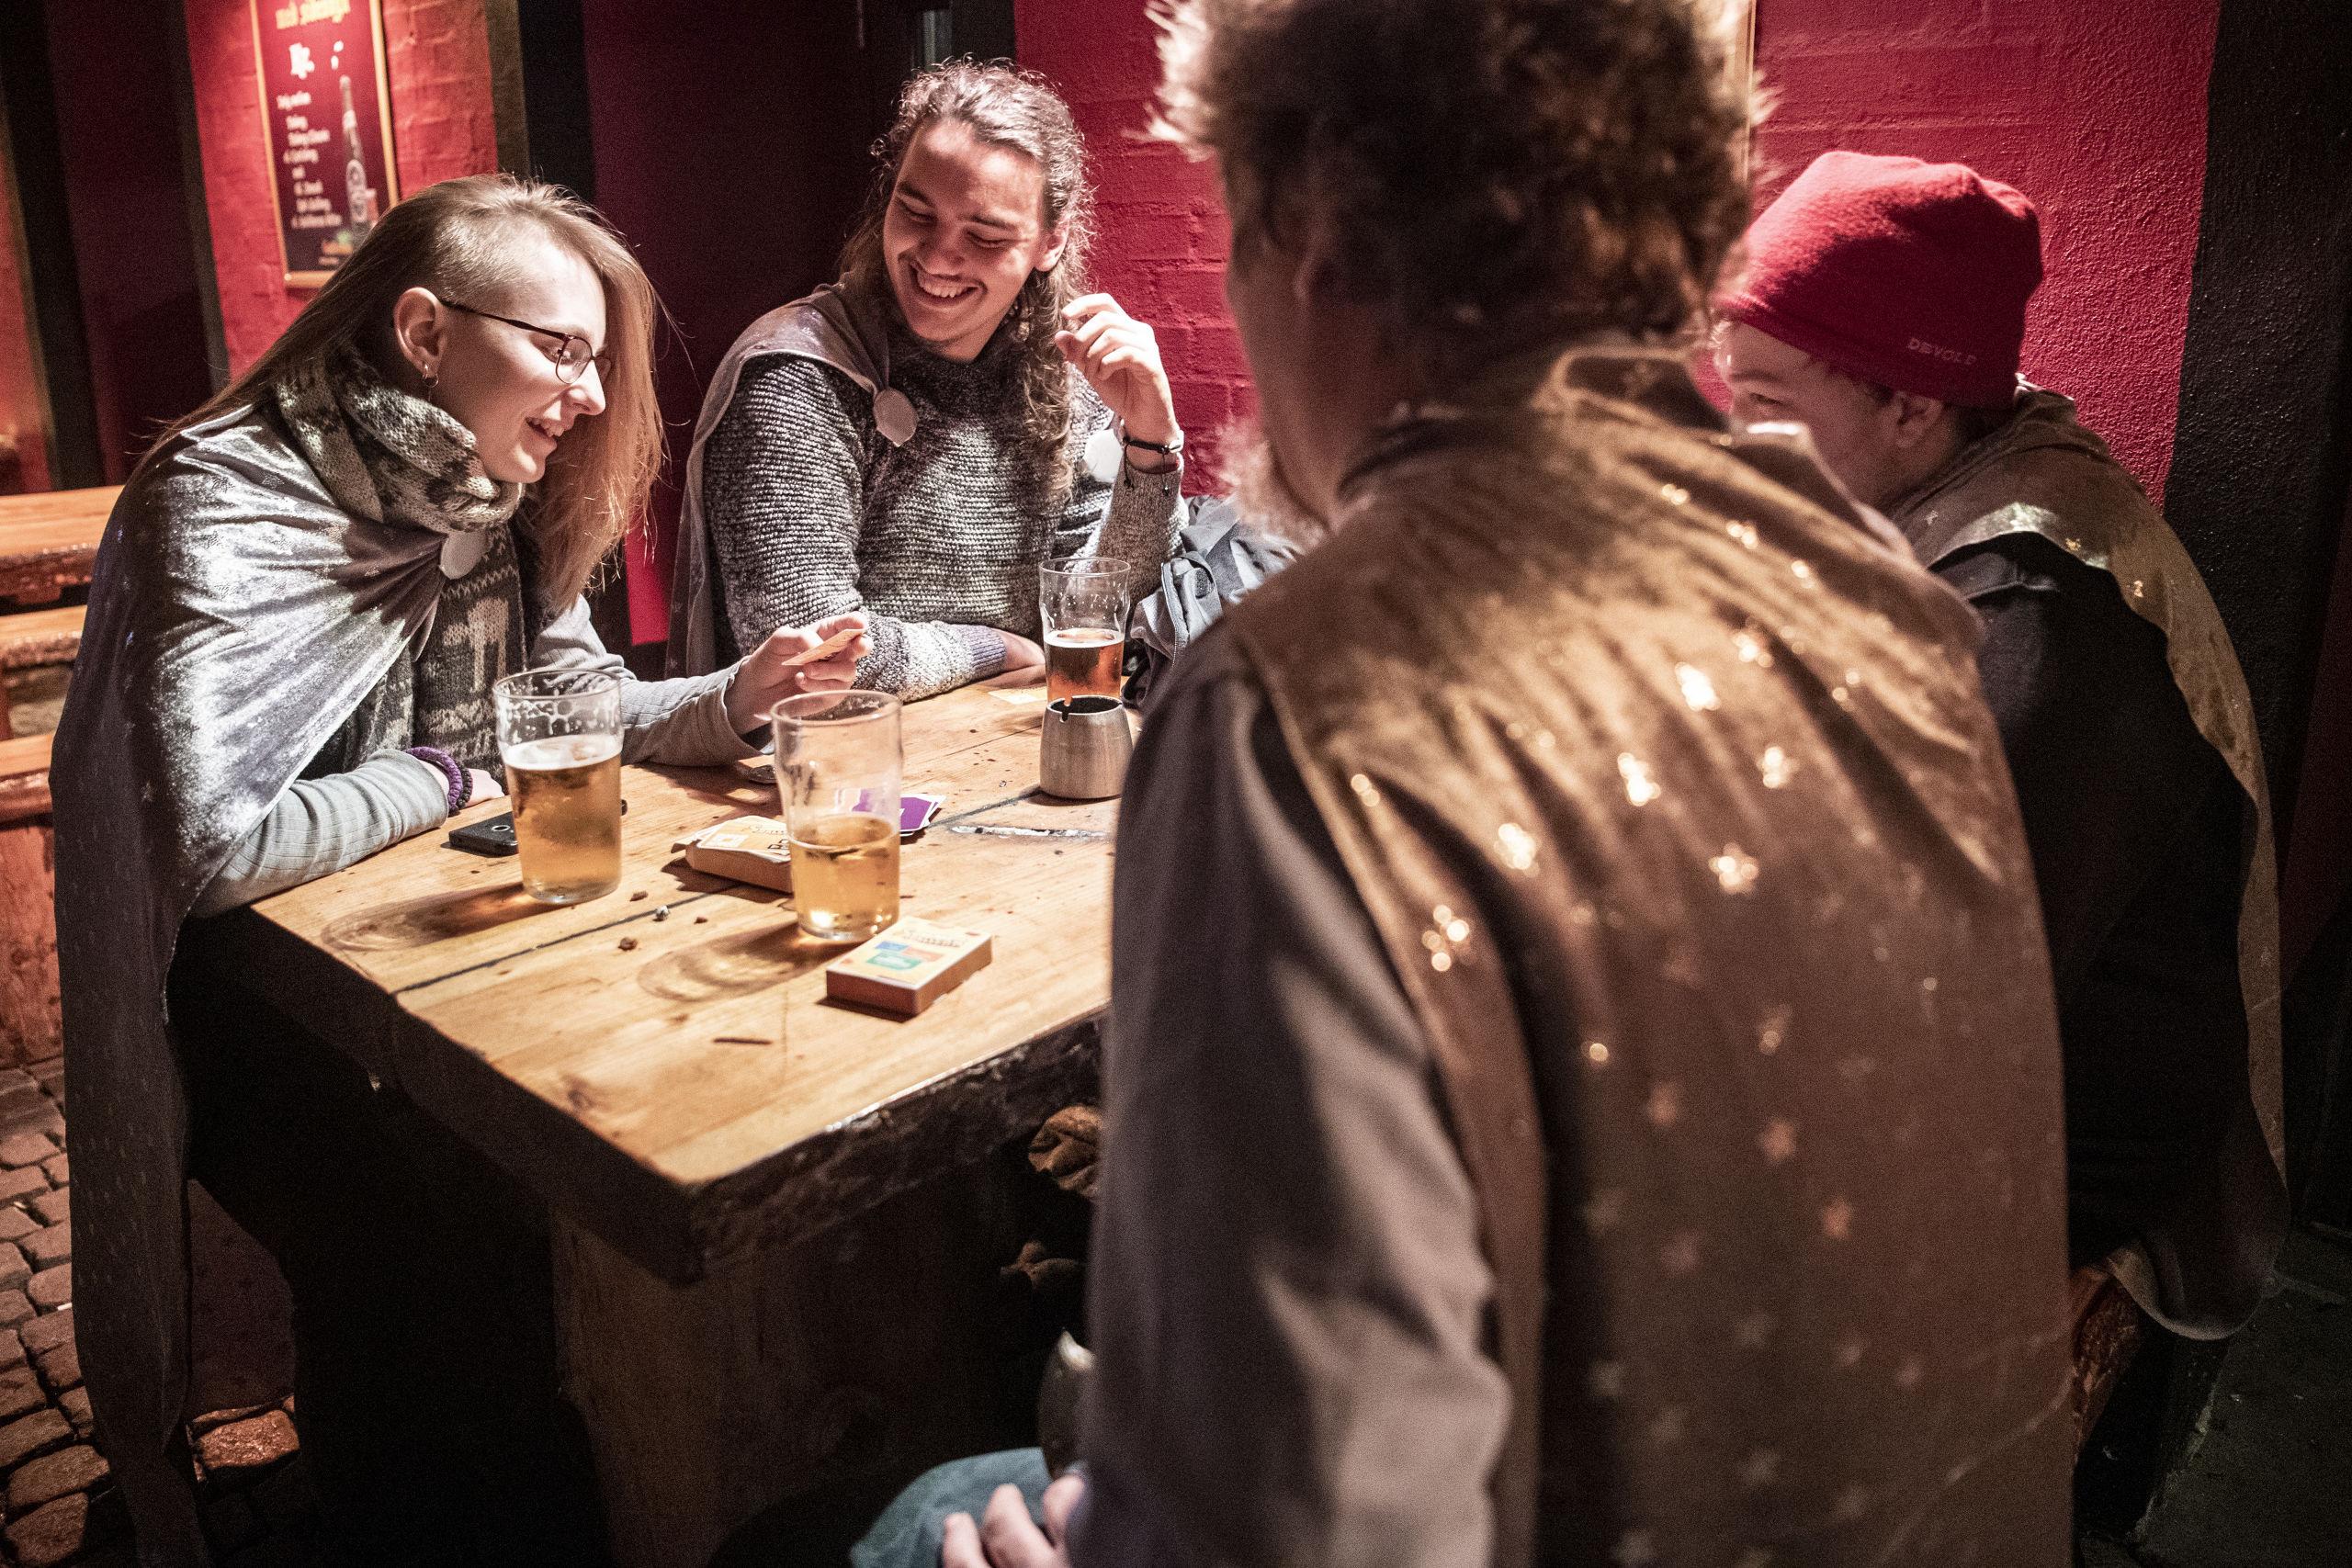 Nordjysk drukspil mangler penge: Ville du drikke på disse spørgsmål?